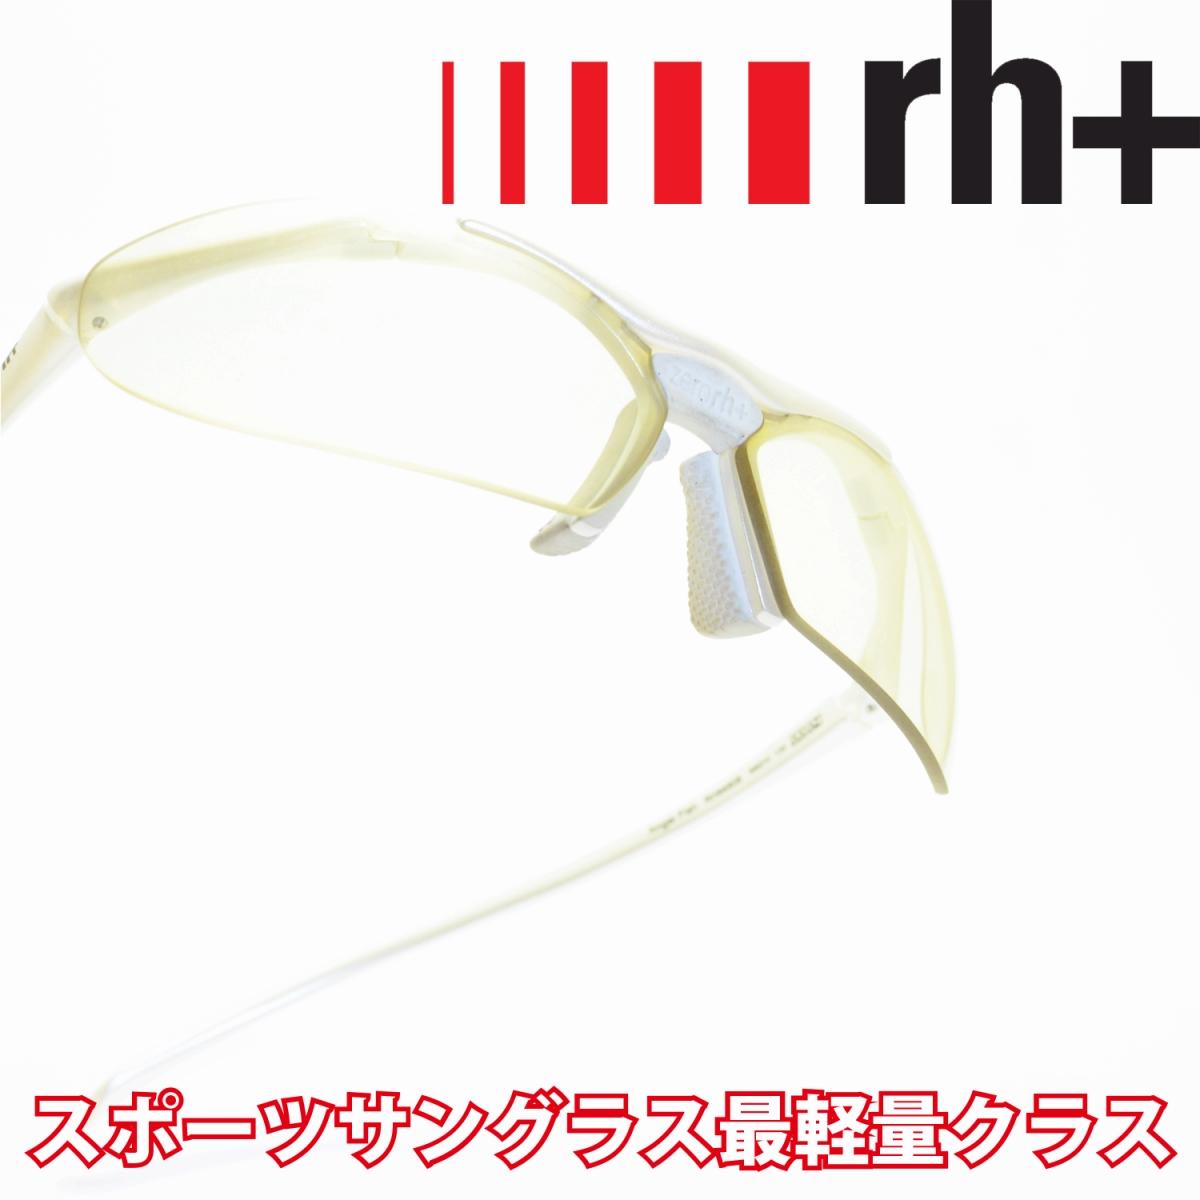 rh+ アールエイチプラス ANGELFISH RH64906メガネ 眼鏡 めがね メンズ レディース おしゃれ ブランド 人気 おすすめ フレーム 流行り 度付き レンズ サングラス スポーツ